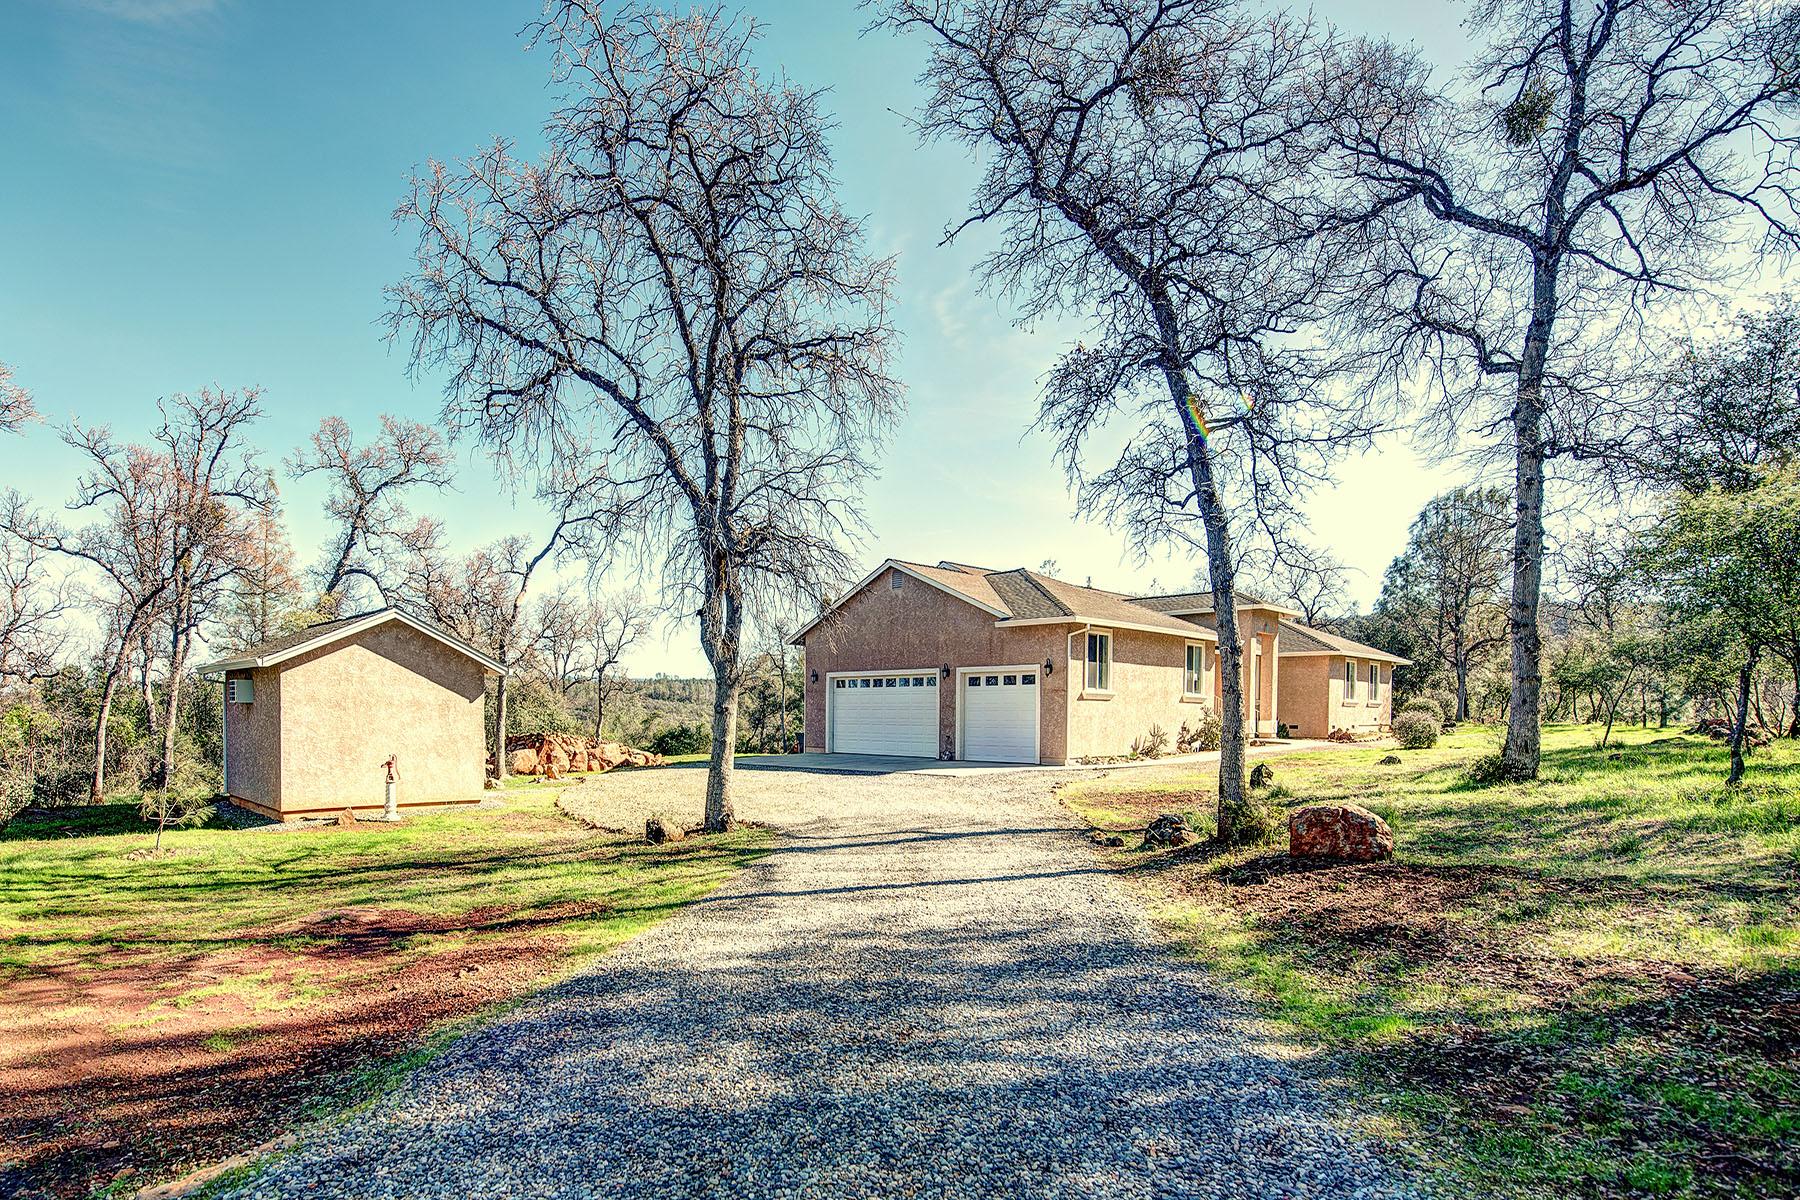 Maison unifamiliale pour l Vente à 28628 Alpine Way, Shingletown, CA 96088 28628 Alpine Wa Shingletown, Californie 96088 États-Unis